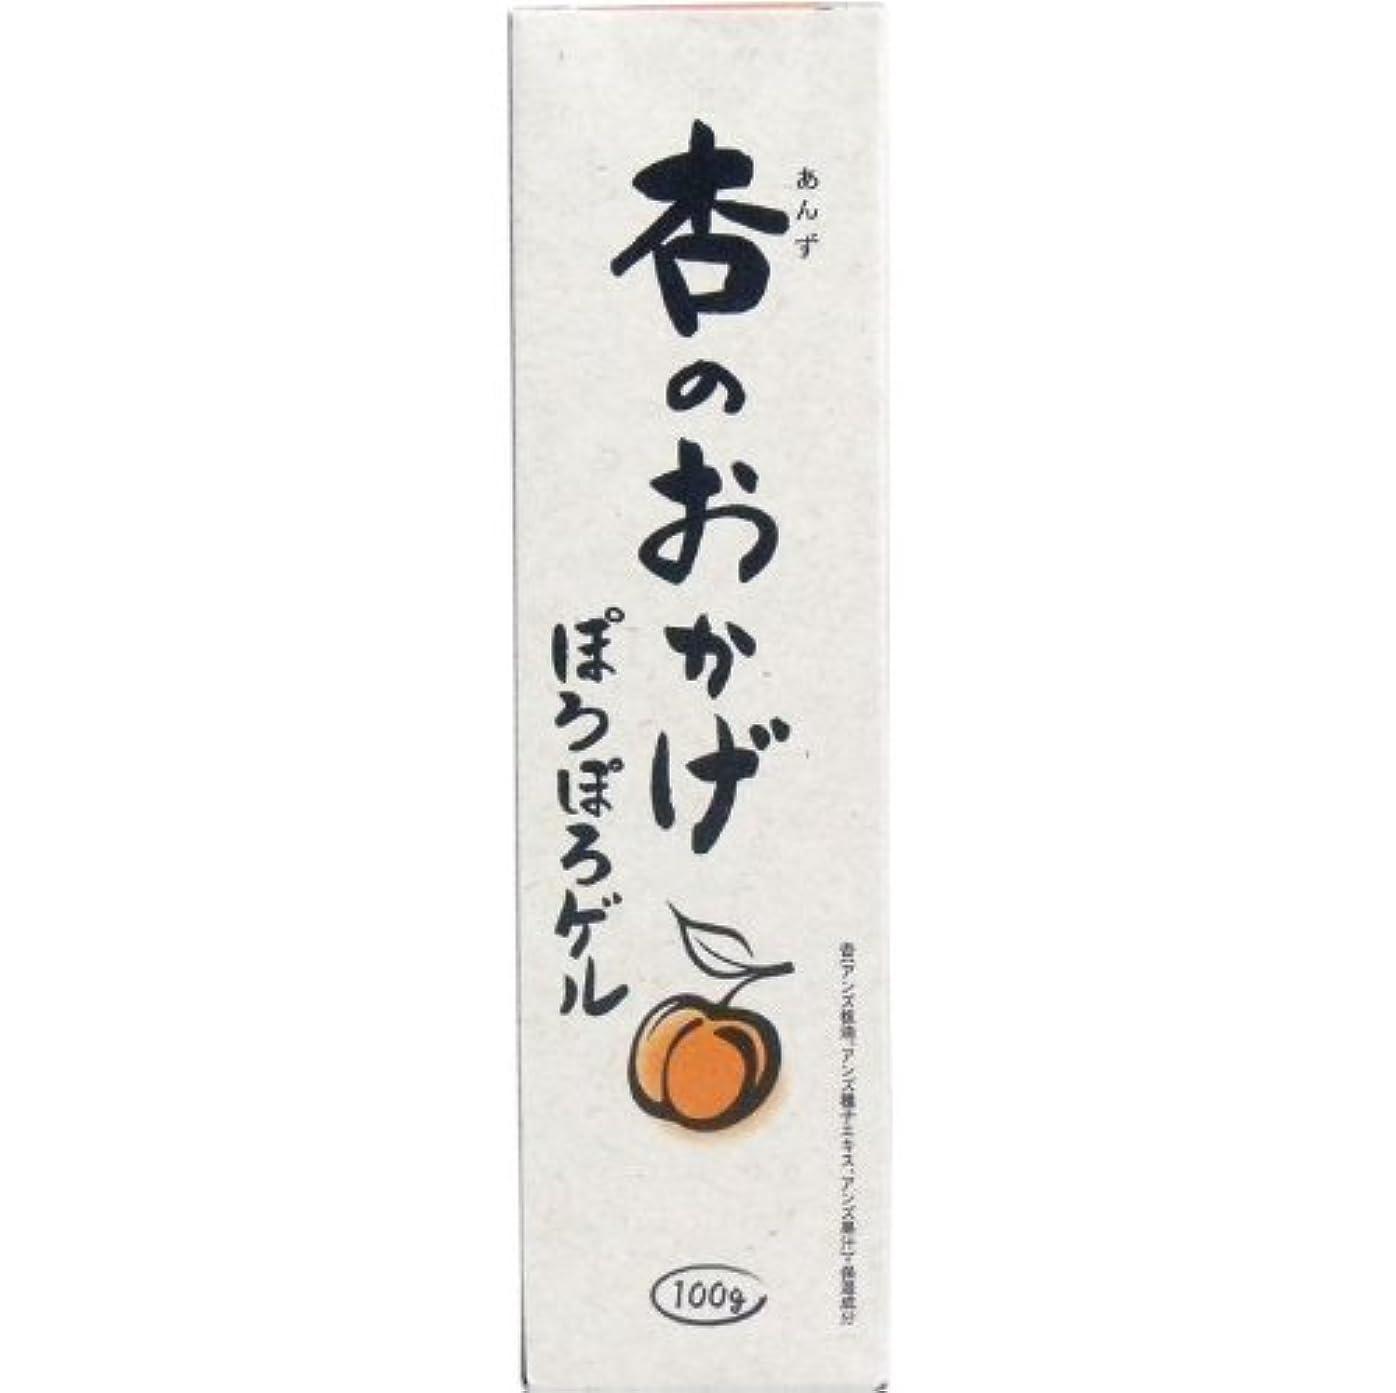 余裕がある頑張るバーチャル杏のおかげ ぽろぽろゲル 100g【2個セット】